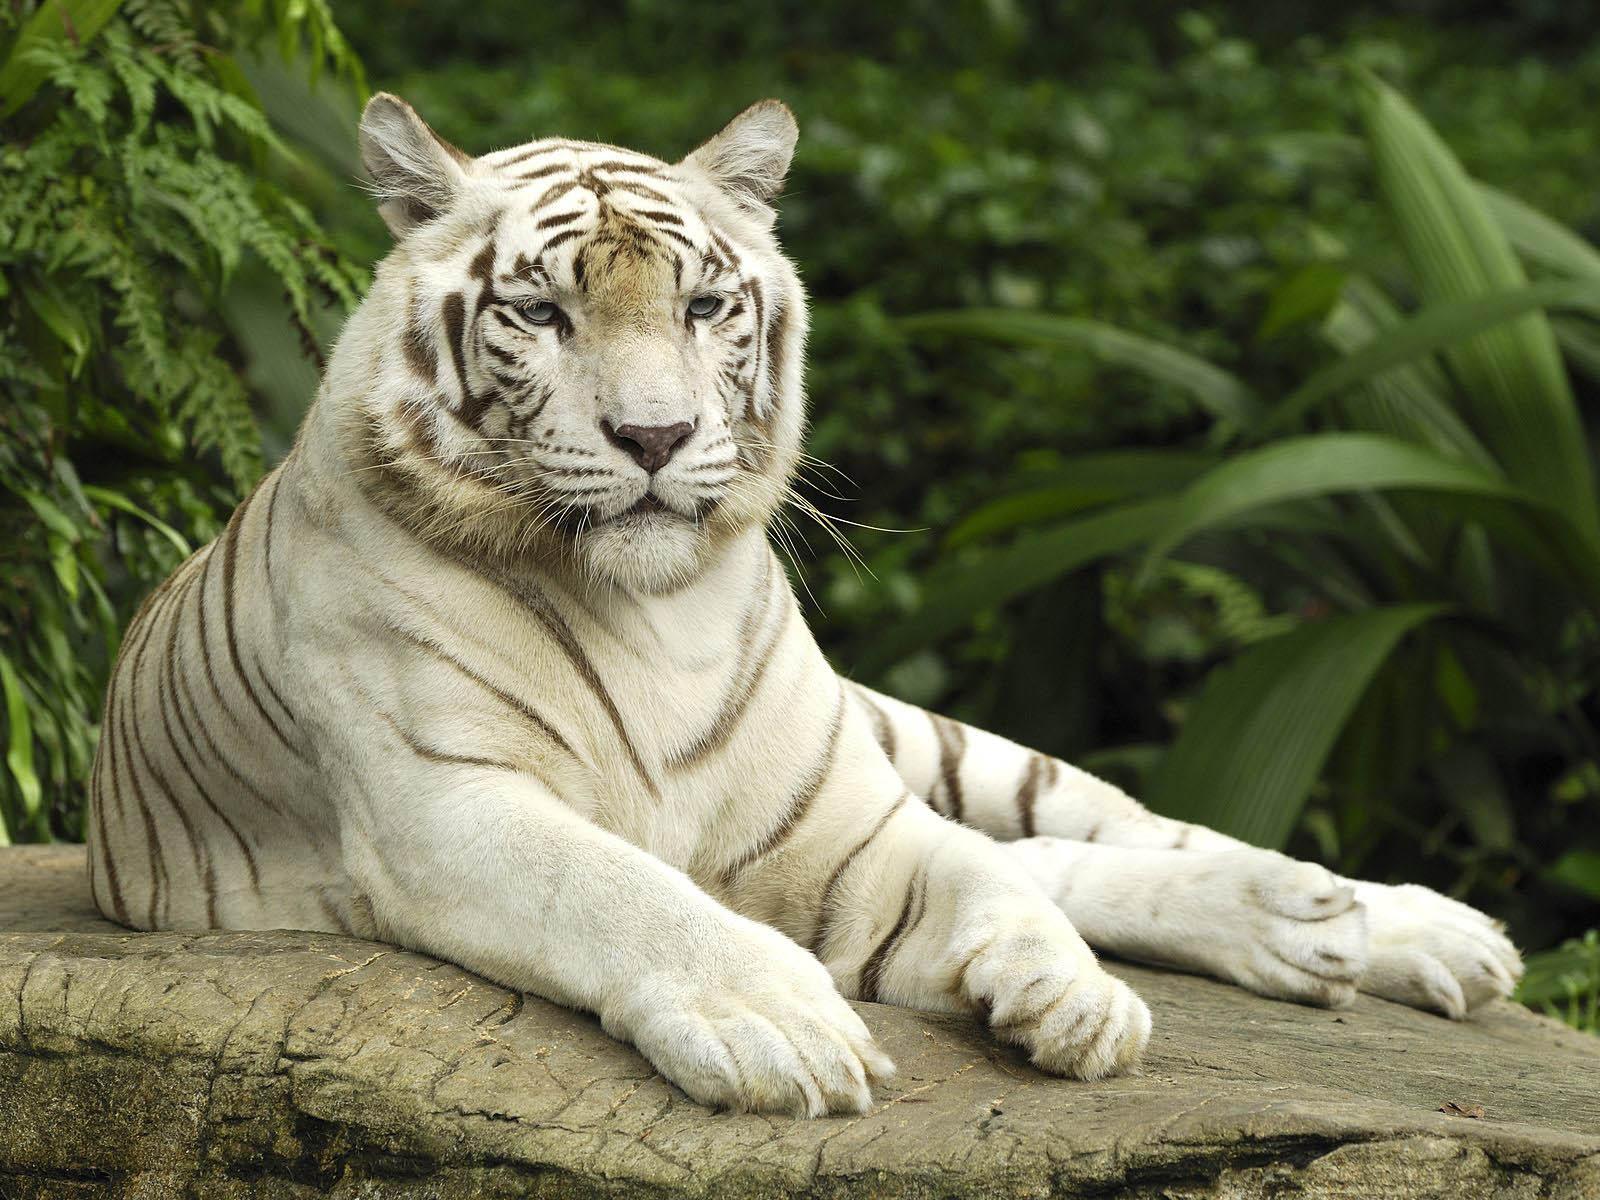 White Tiger Desktop Wallpapers